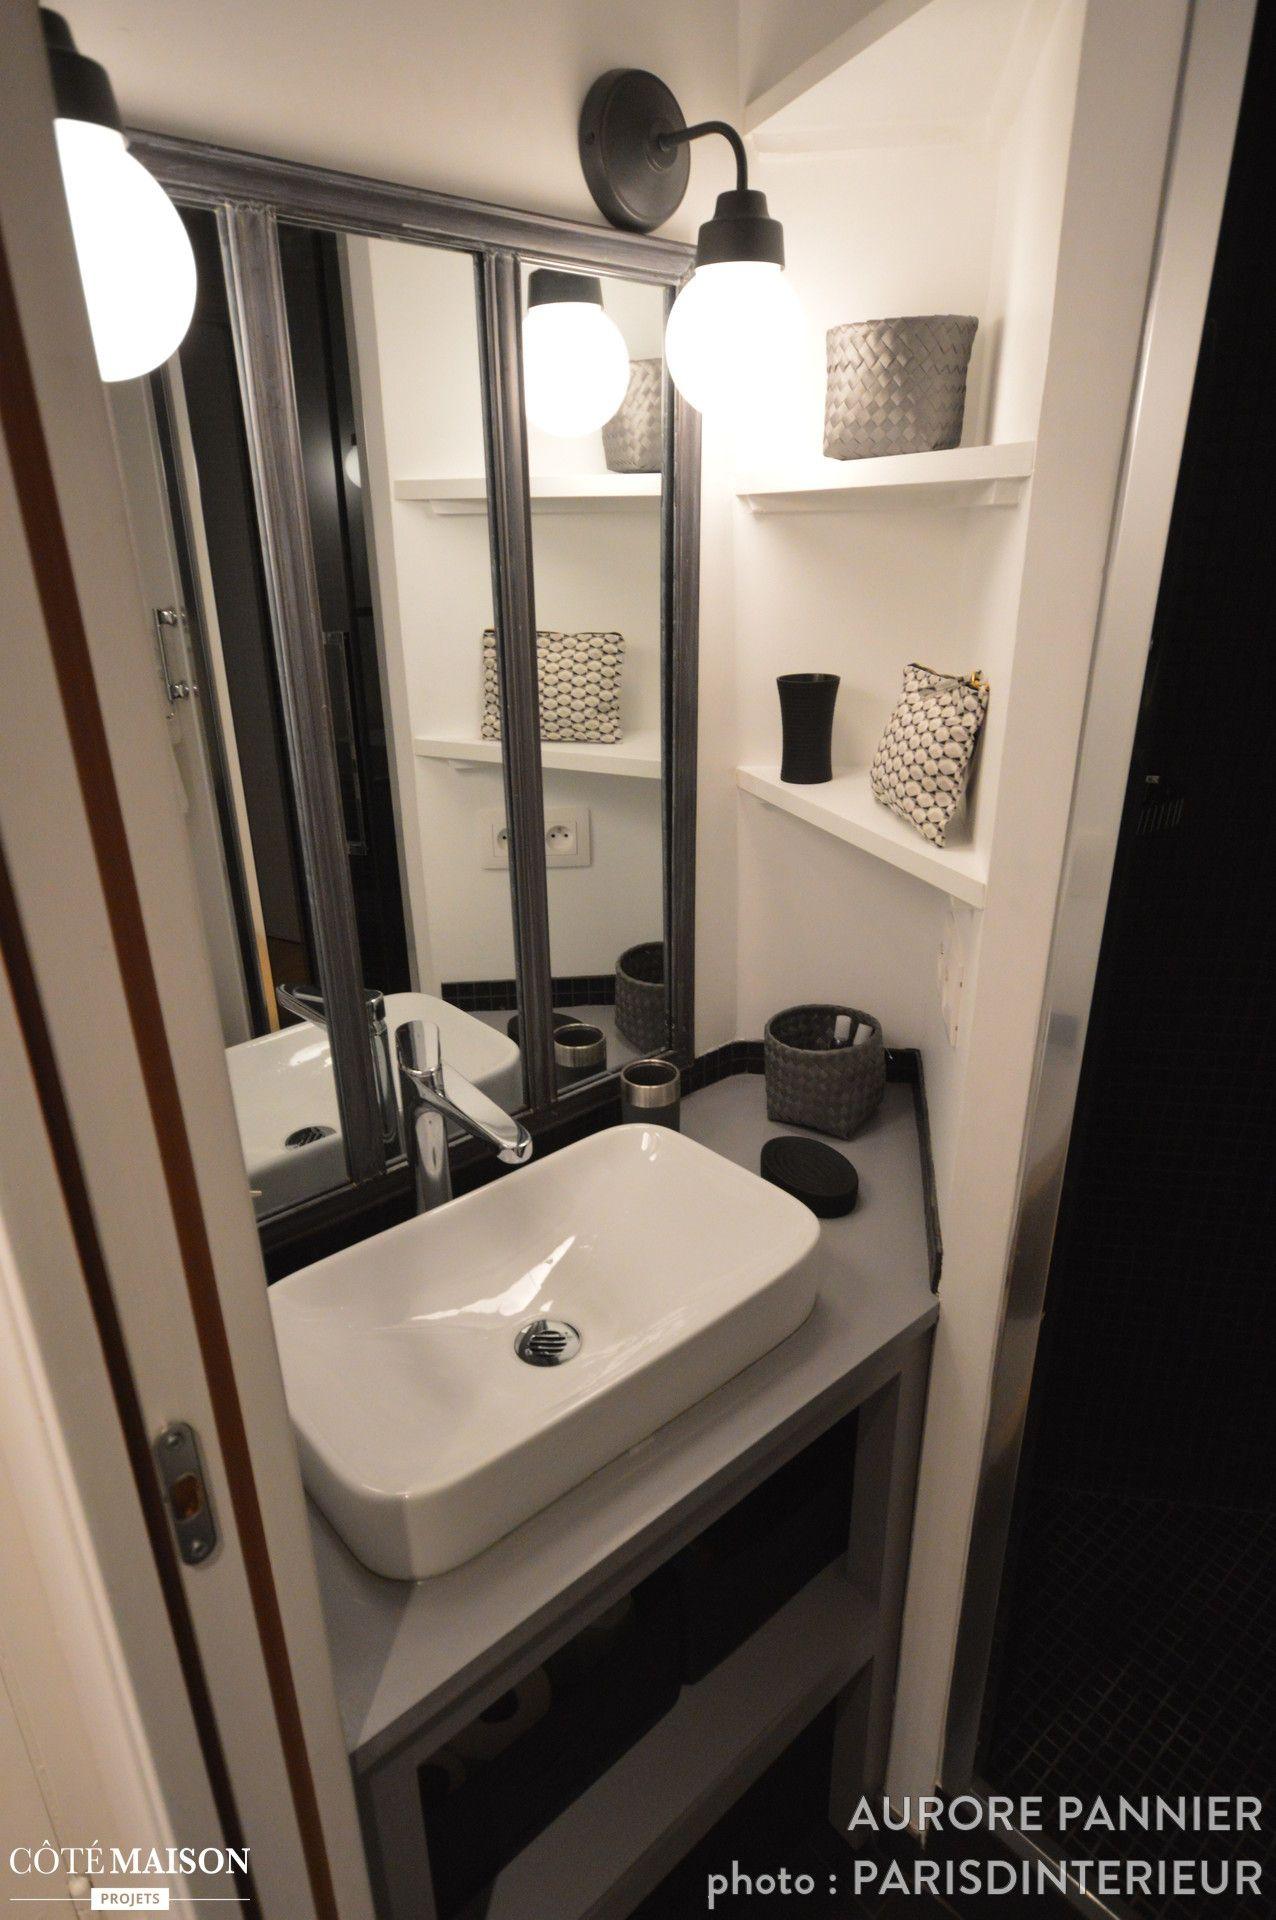 Petite salle de bains contemporaine dans espace alambiqu avec lavabo blanc et meuble gris - Petite salle de bain contemporaine ...